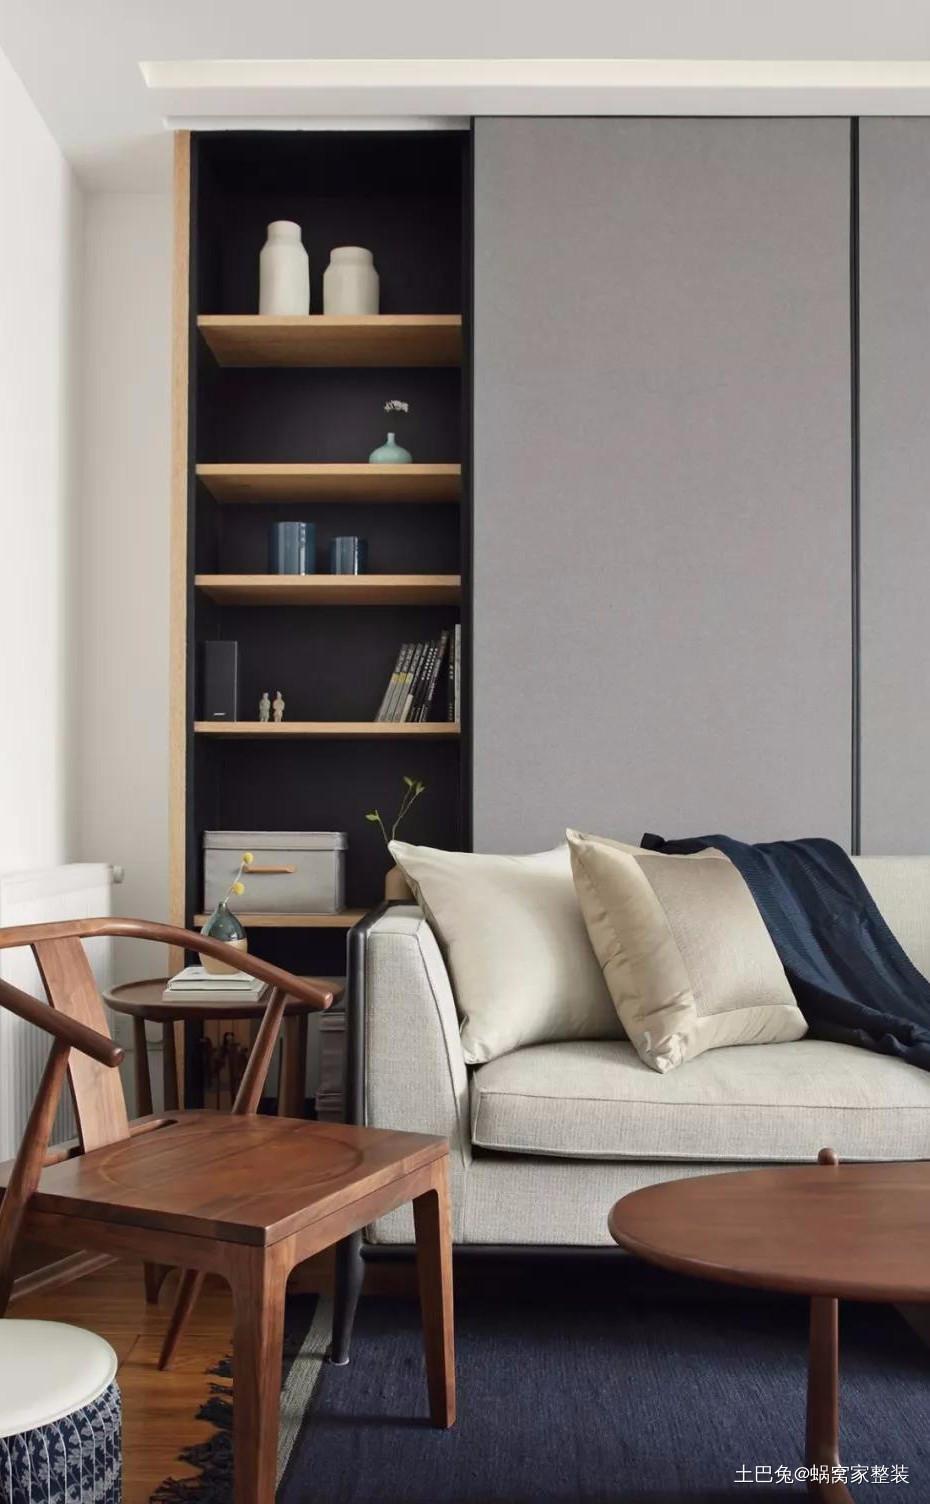 118㎡现代混搭新中式大书墙加移门客厅现代简约客厅设计图片赏析